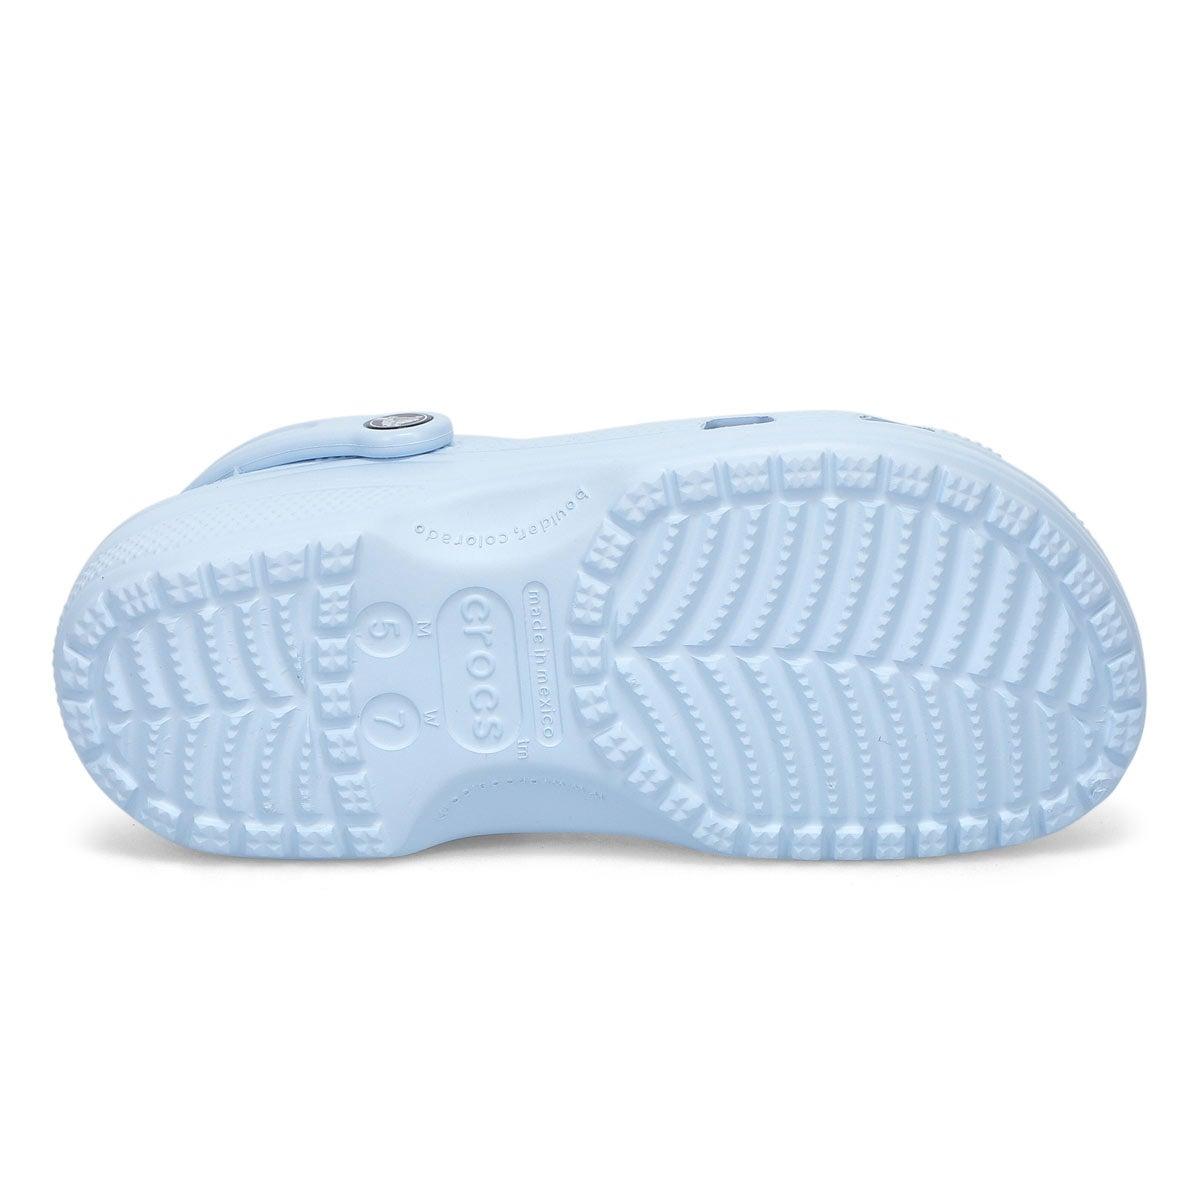 Women's Classic EVA Comfort Clog - Mineral Blue